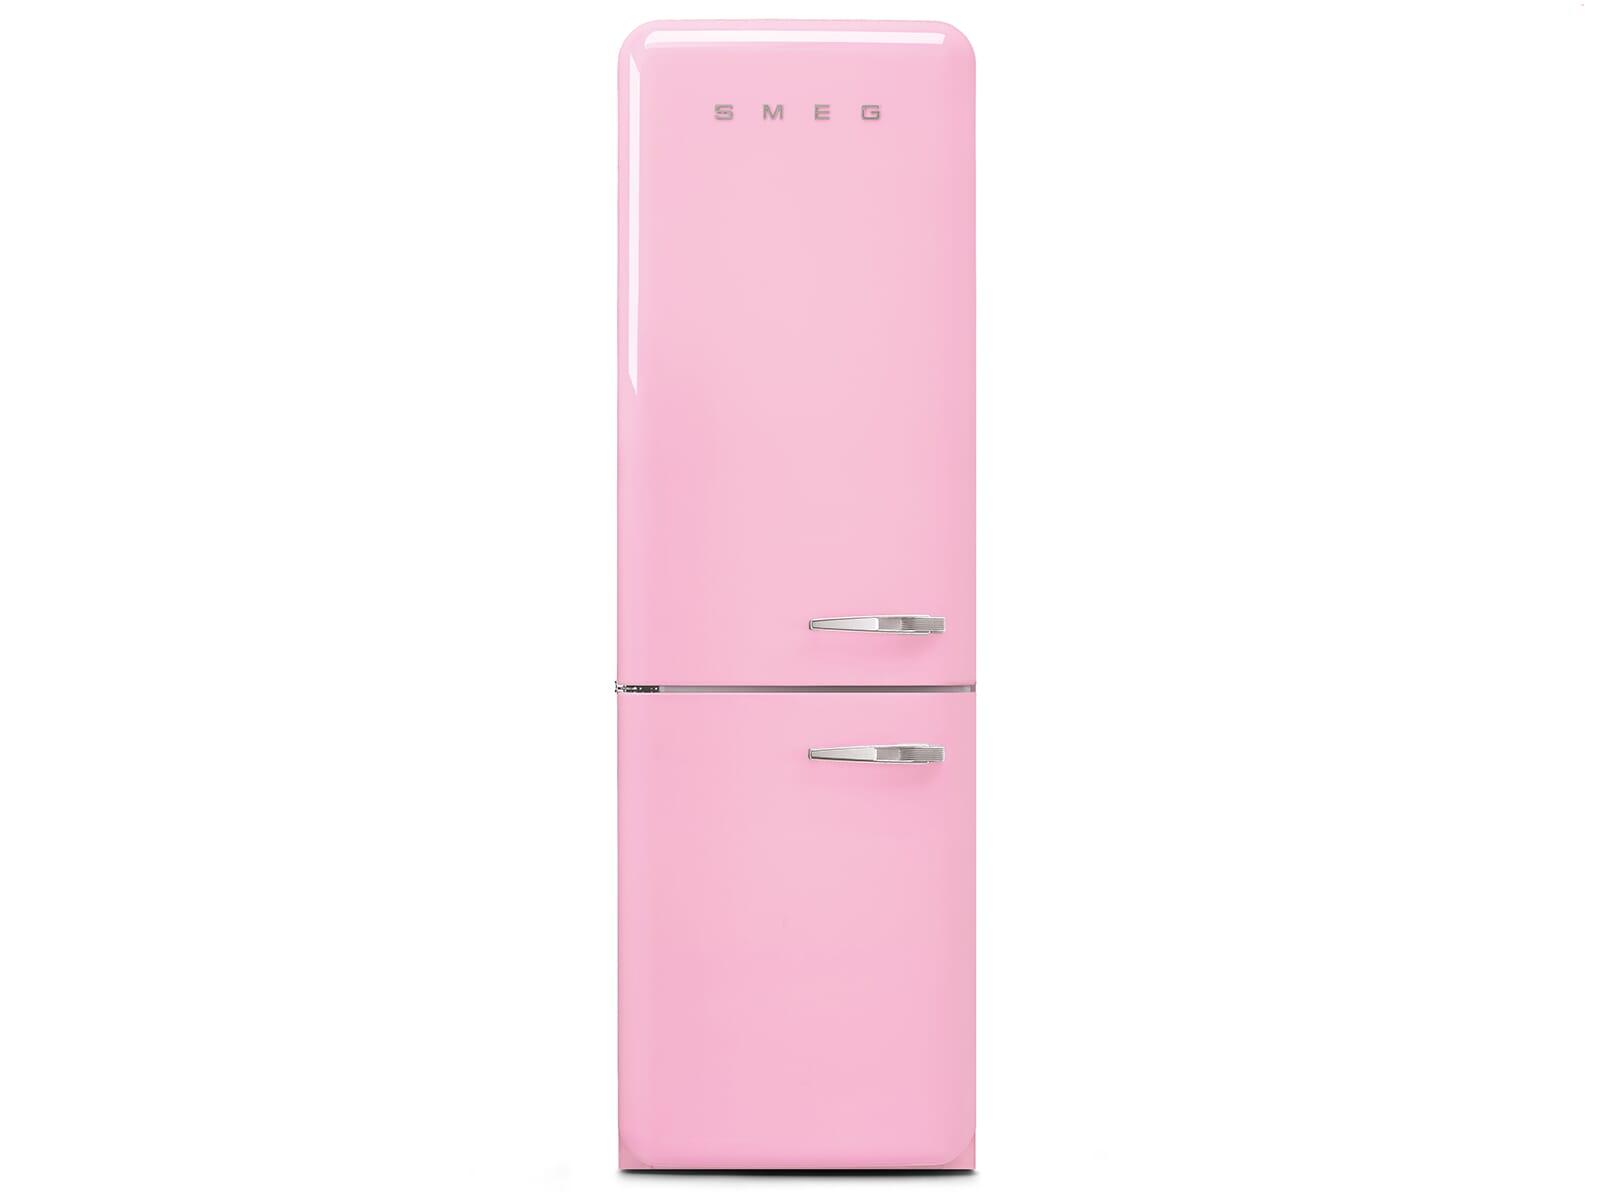 Side By Side Kühlschrank Kindersicherung : Smeg kühlschrank bedienungsanleitung smeg kühlschrank innen smeg